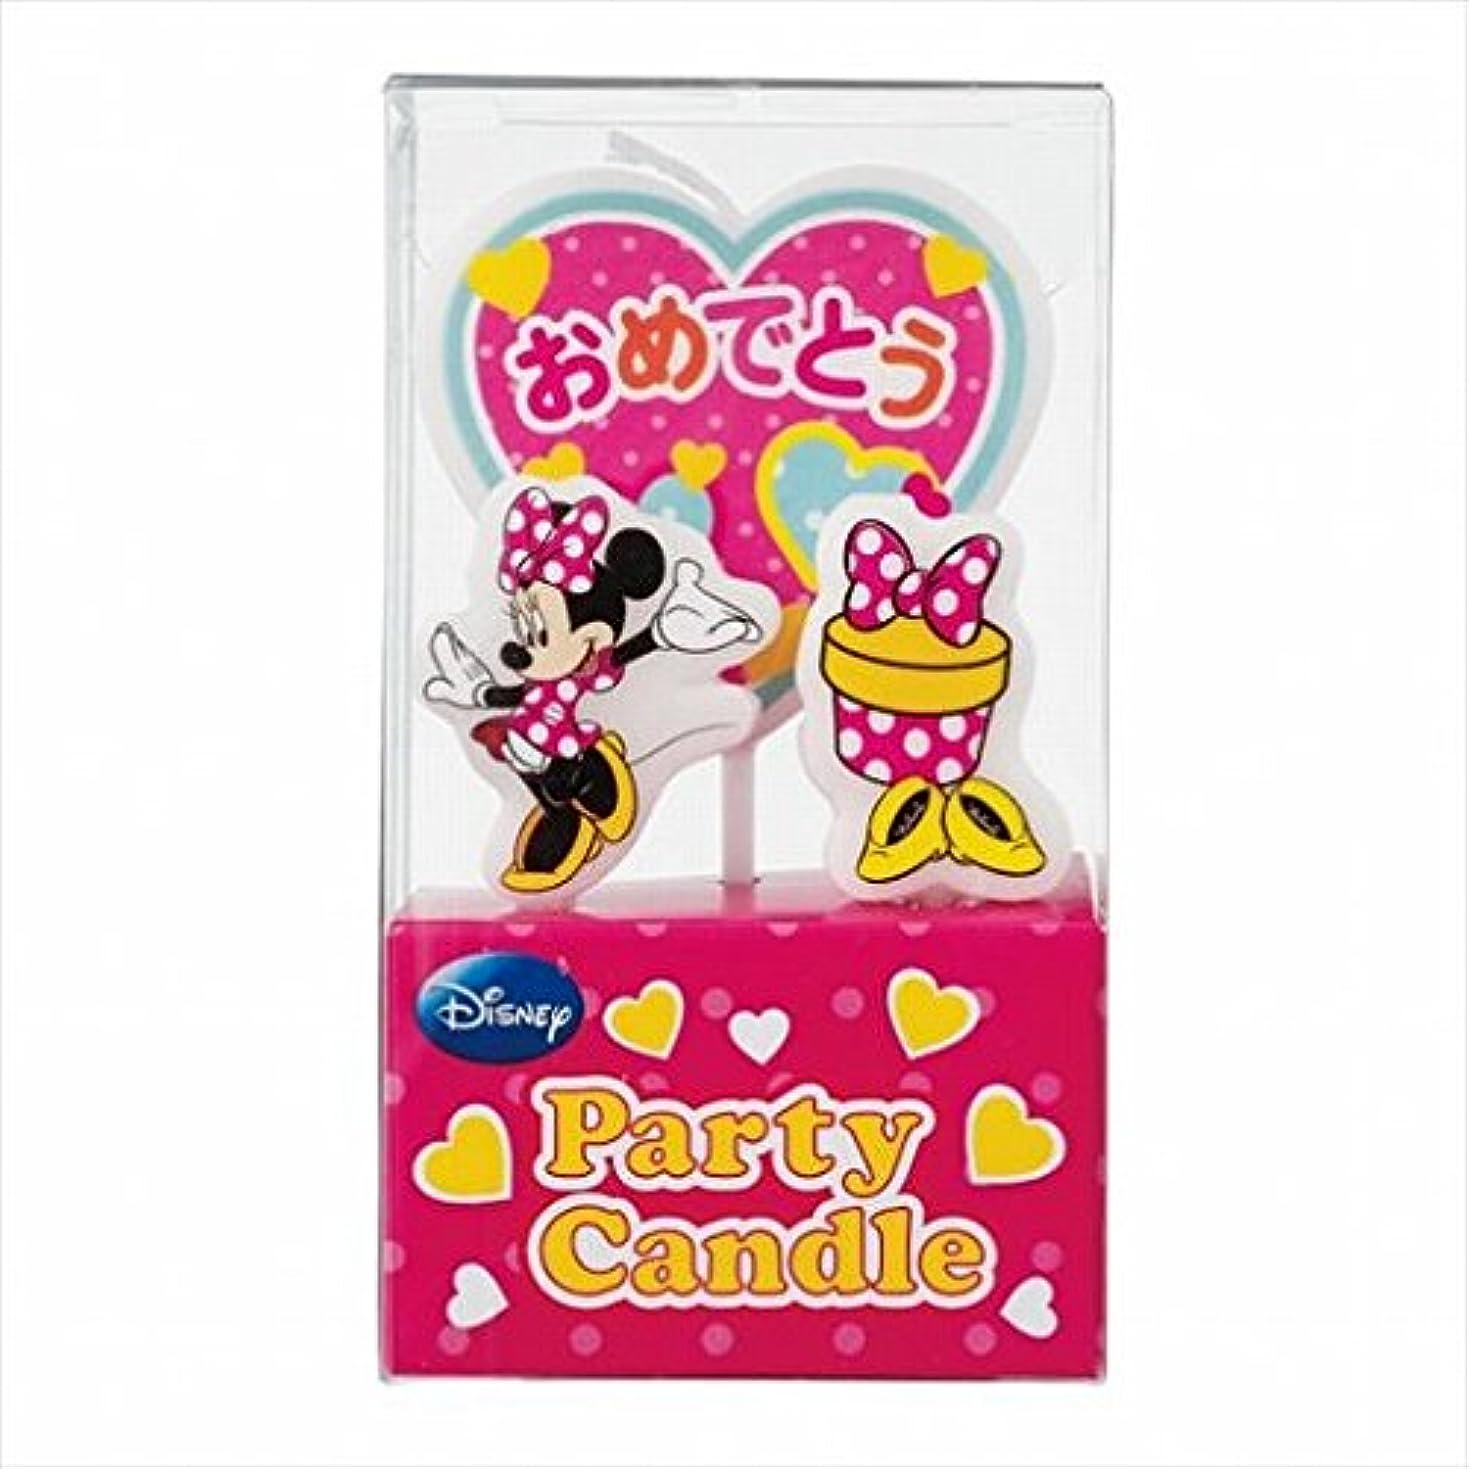 ディズニー( Disney ) ディズニーパーティーキャンドル【ケーキ用キャンドル】 「 ミニー 」